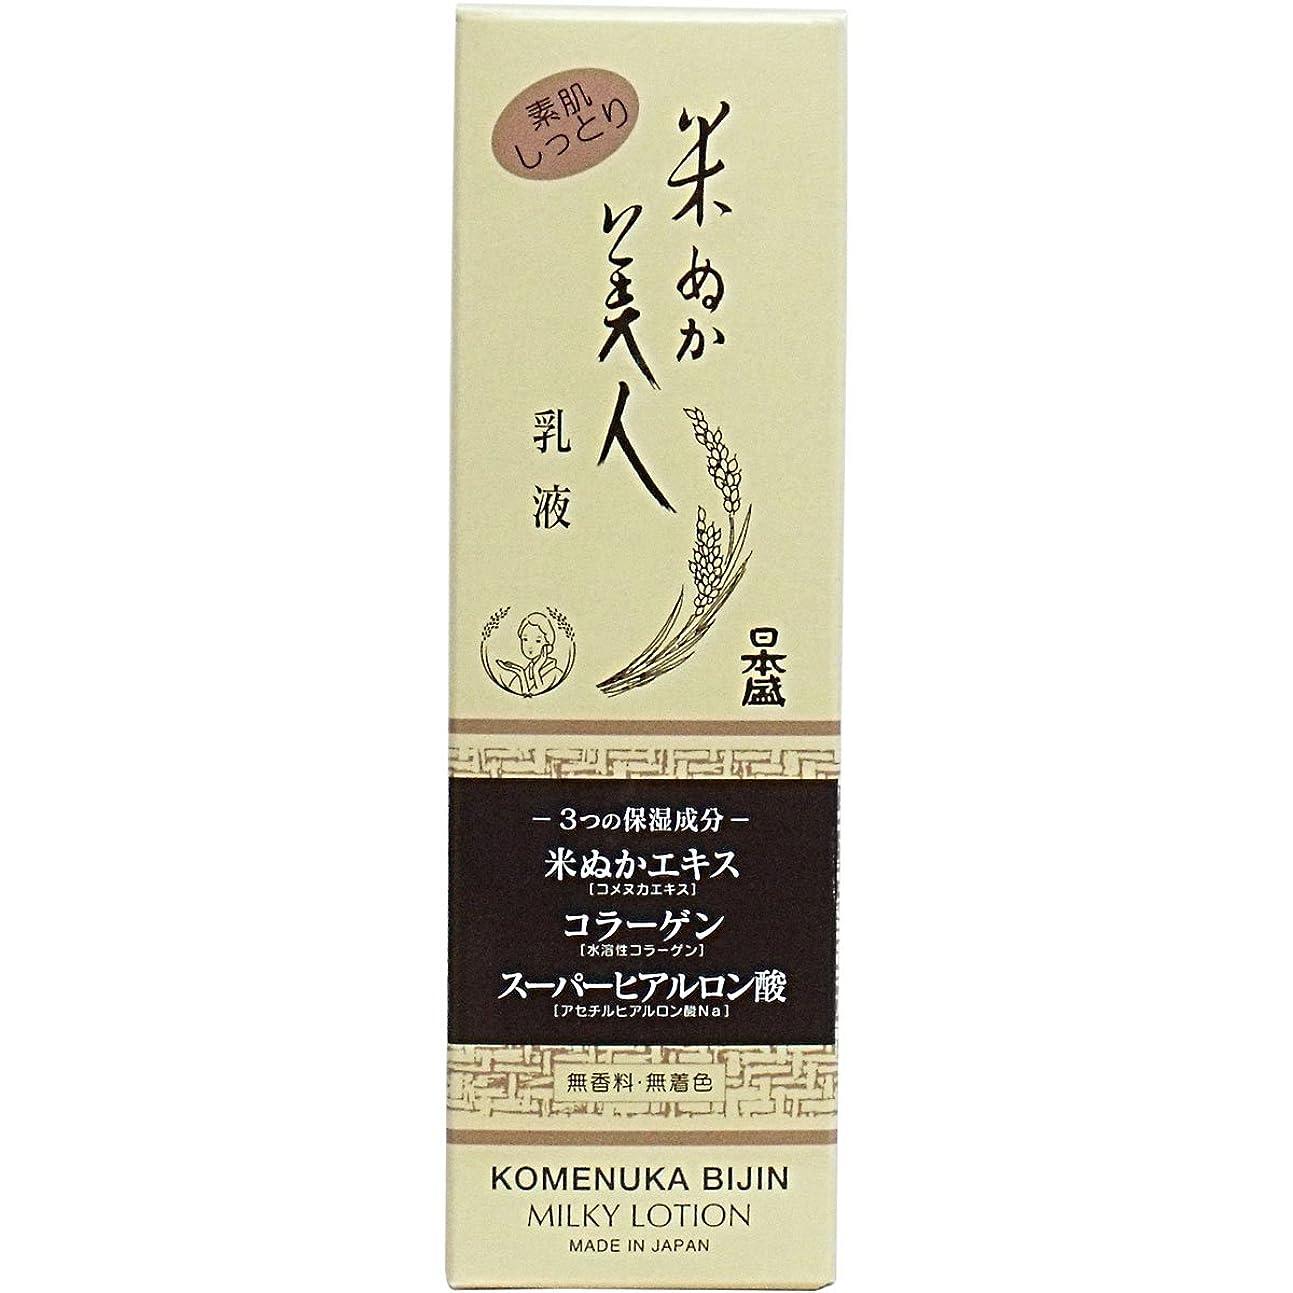 死傷者のり上げる米ぬか美人 乳液 100ML × 5個セット